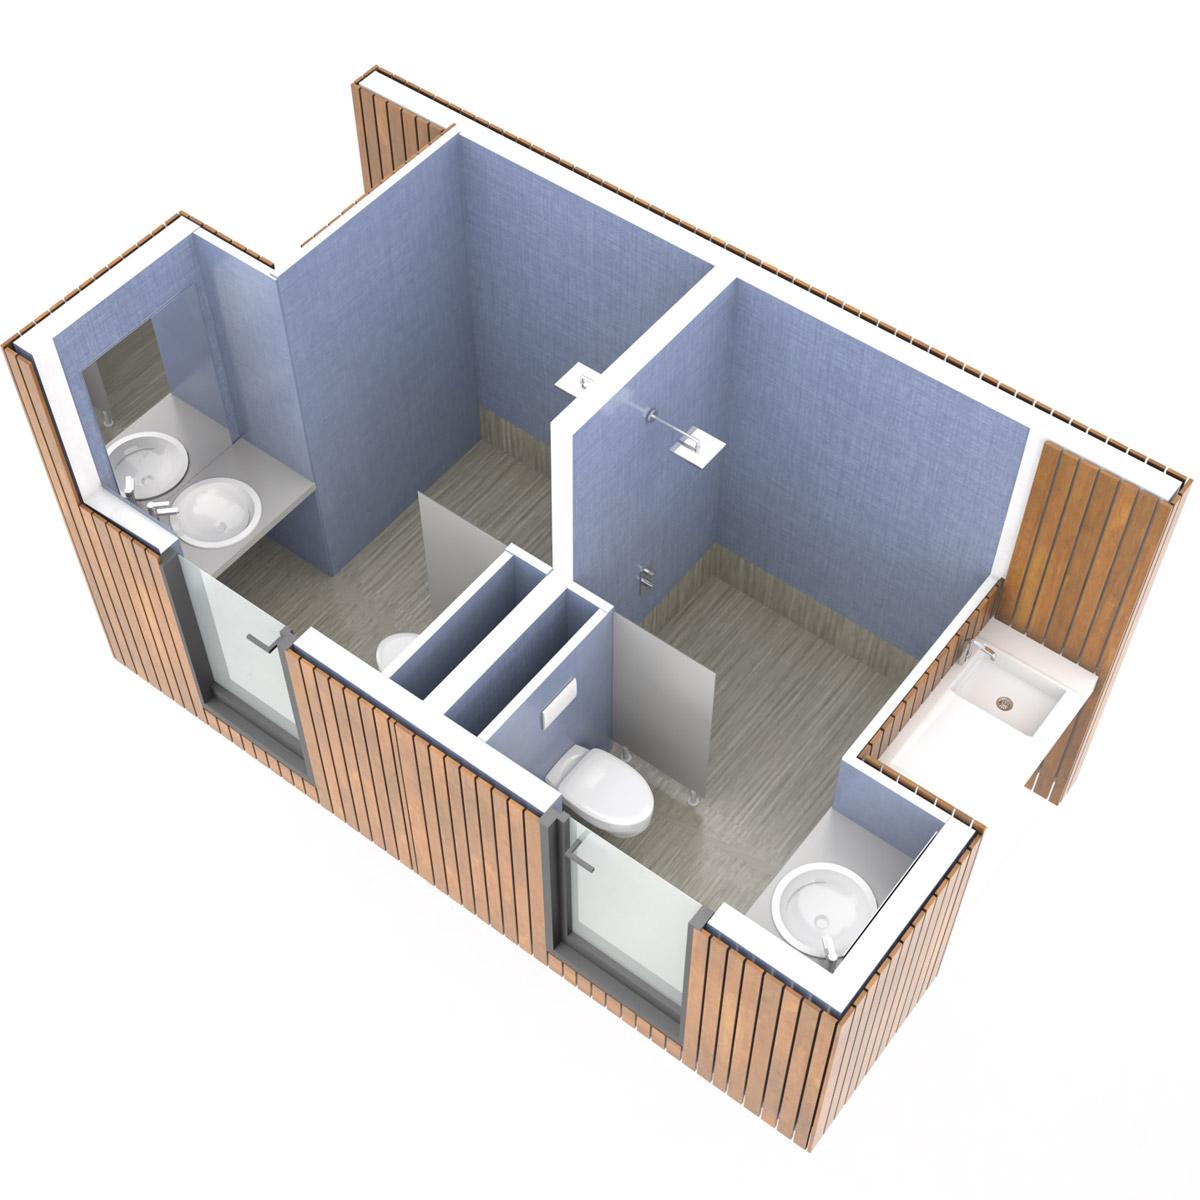 Blocs sanitaires modulaire pour camping et colodge et normes pmr - Maison bloc modulaire ...